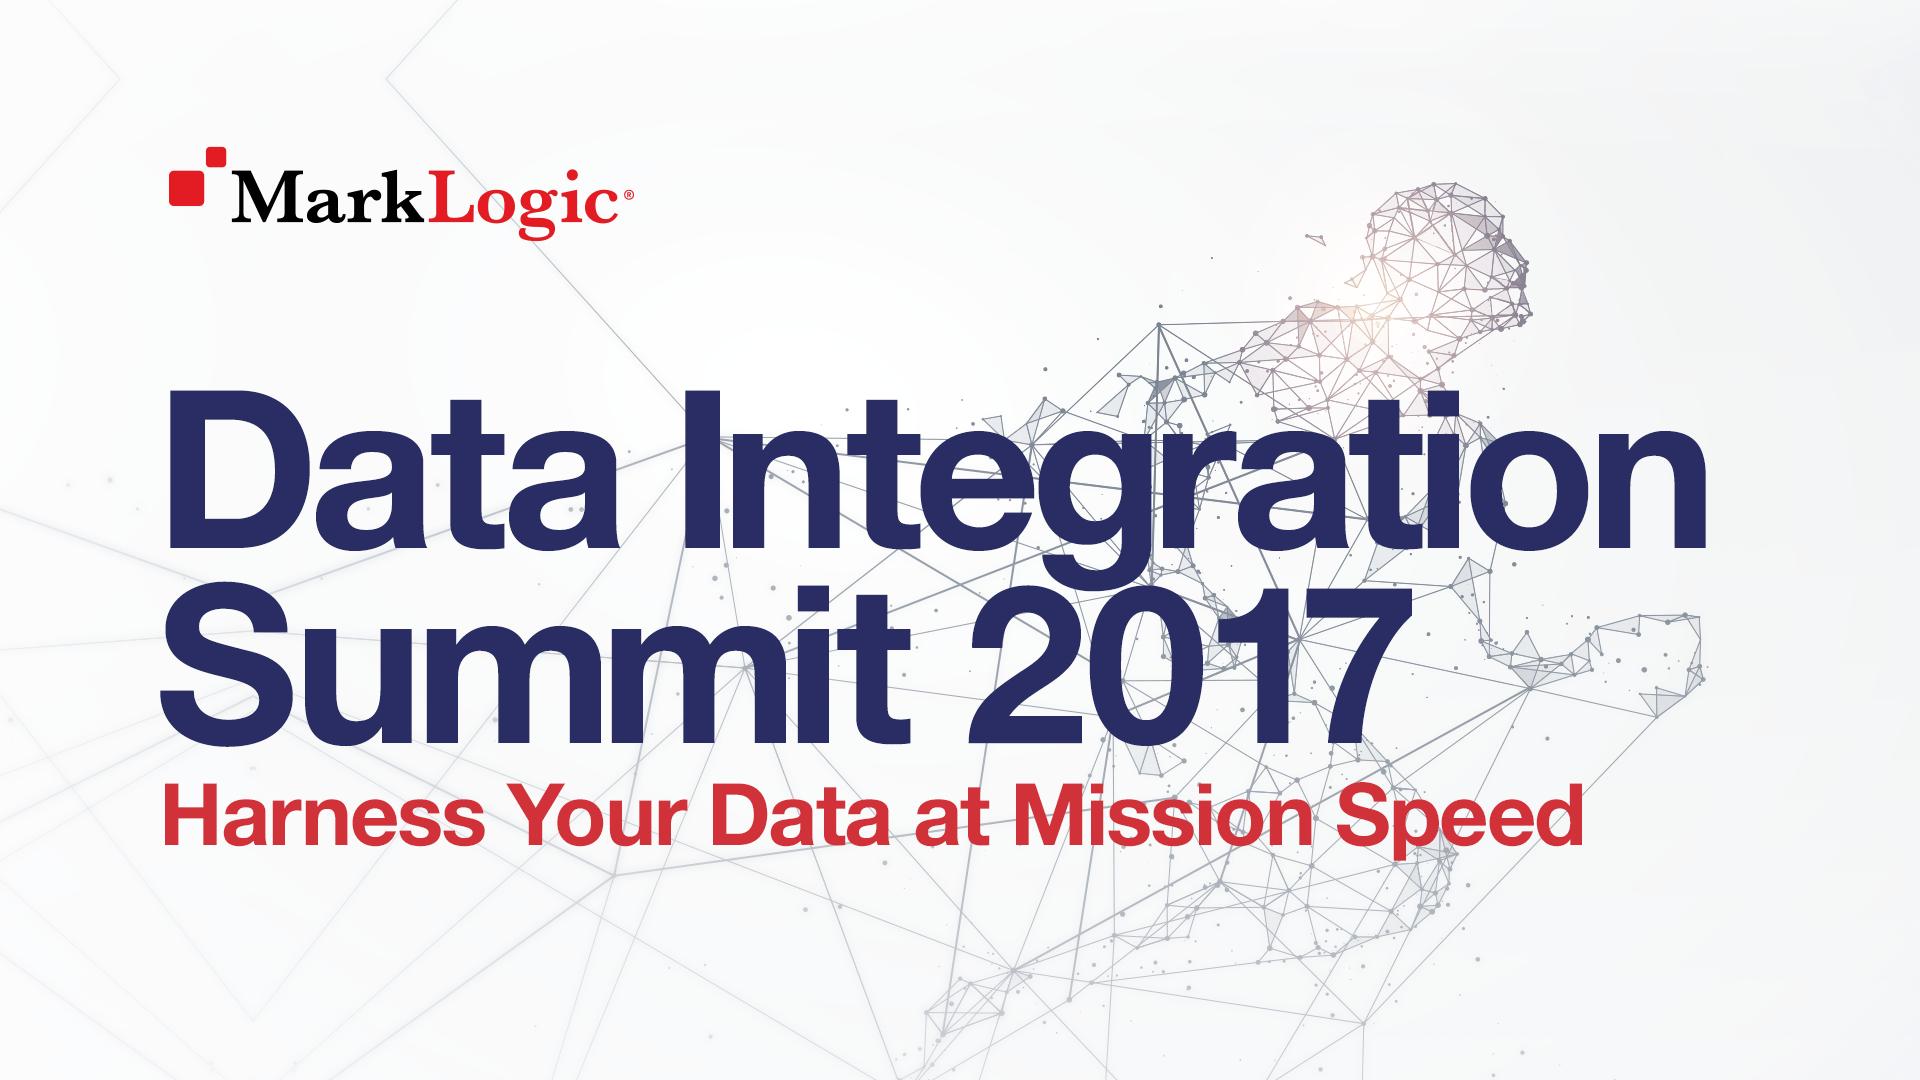 MarkLogic Data Integration Summit